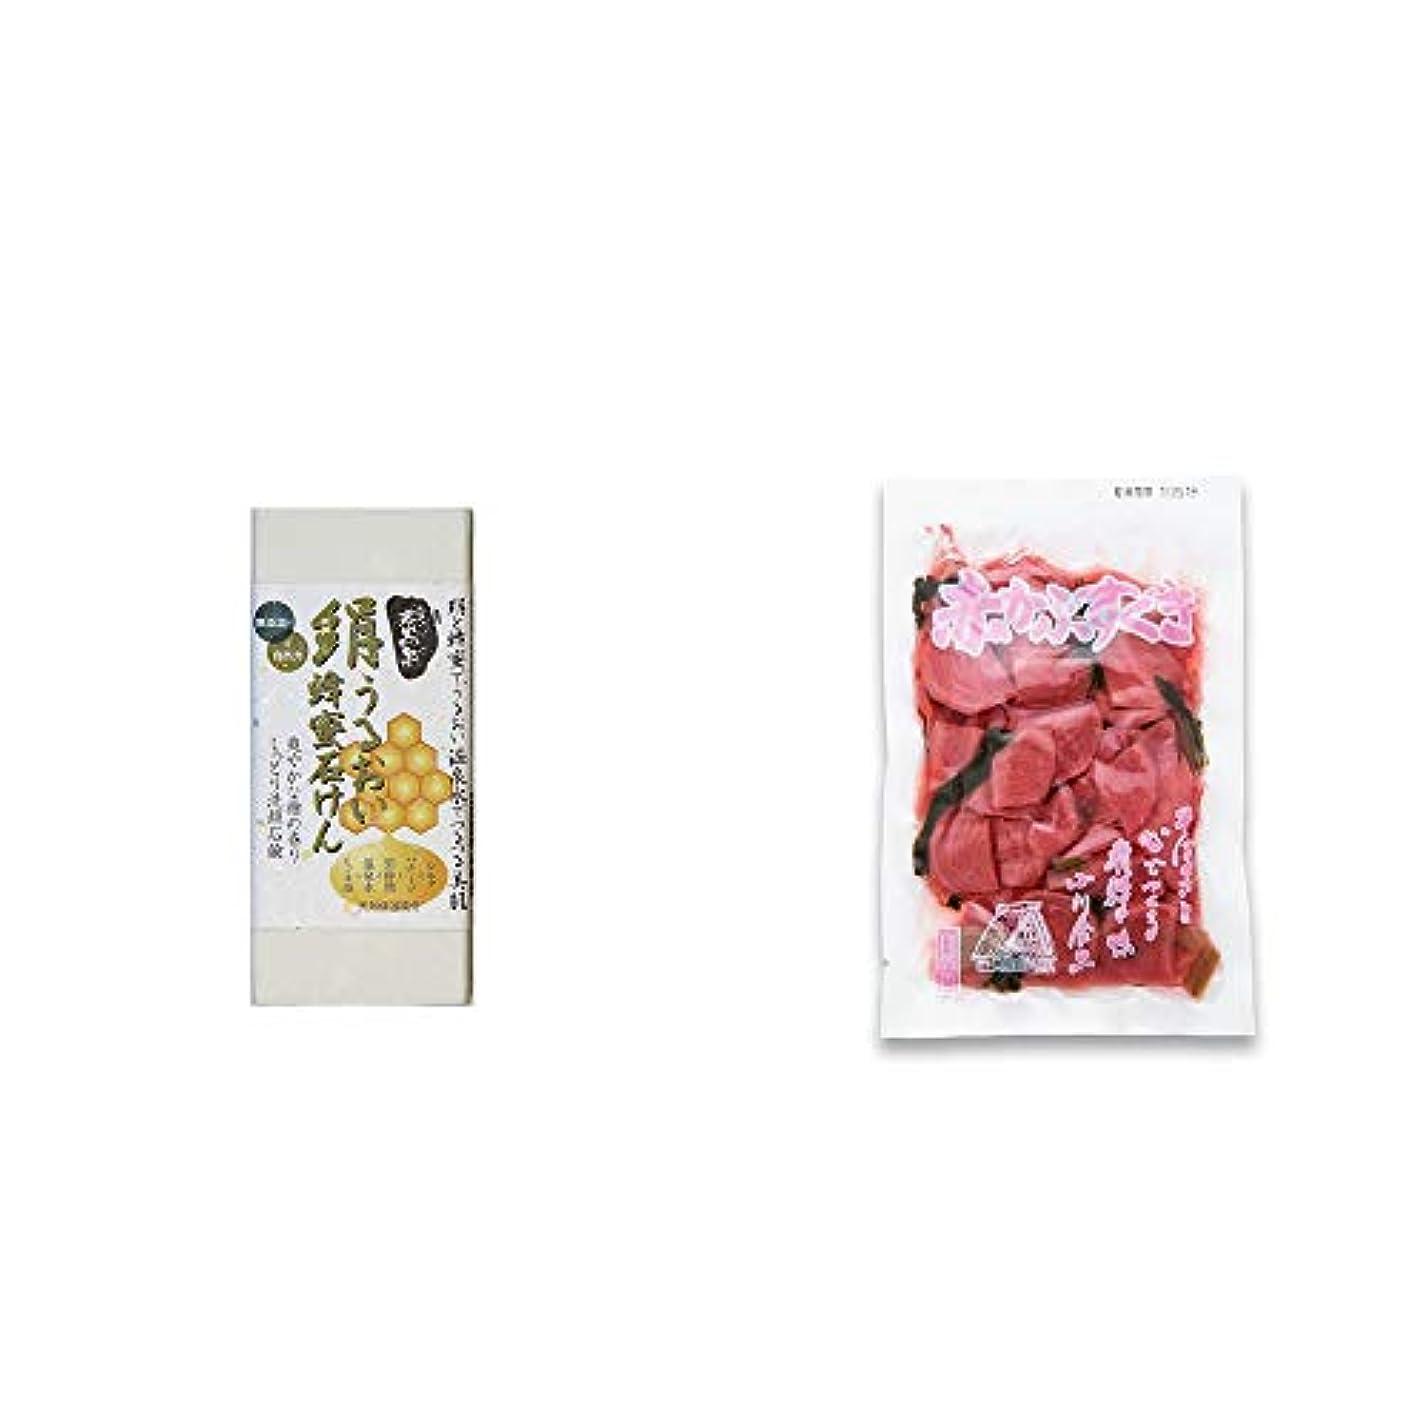 触手純度降ろす[2点セット] ひのき炭黒泉 絹うるおい蜂蜜石けん(75g×2)?赤かぶすぐき(160g)